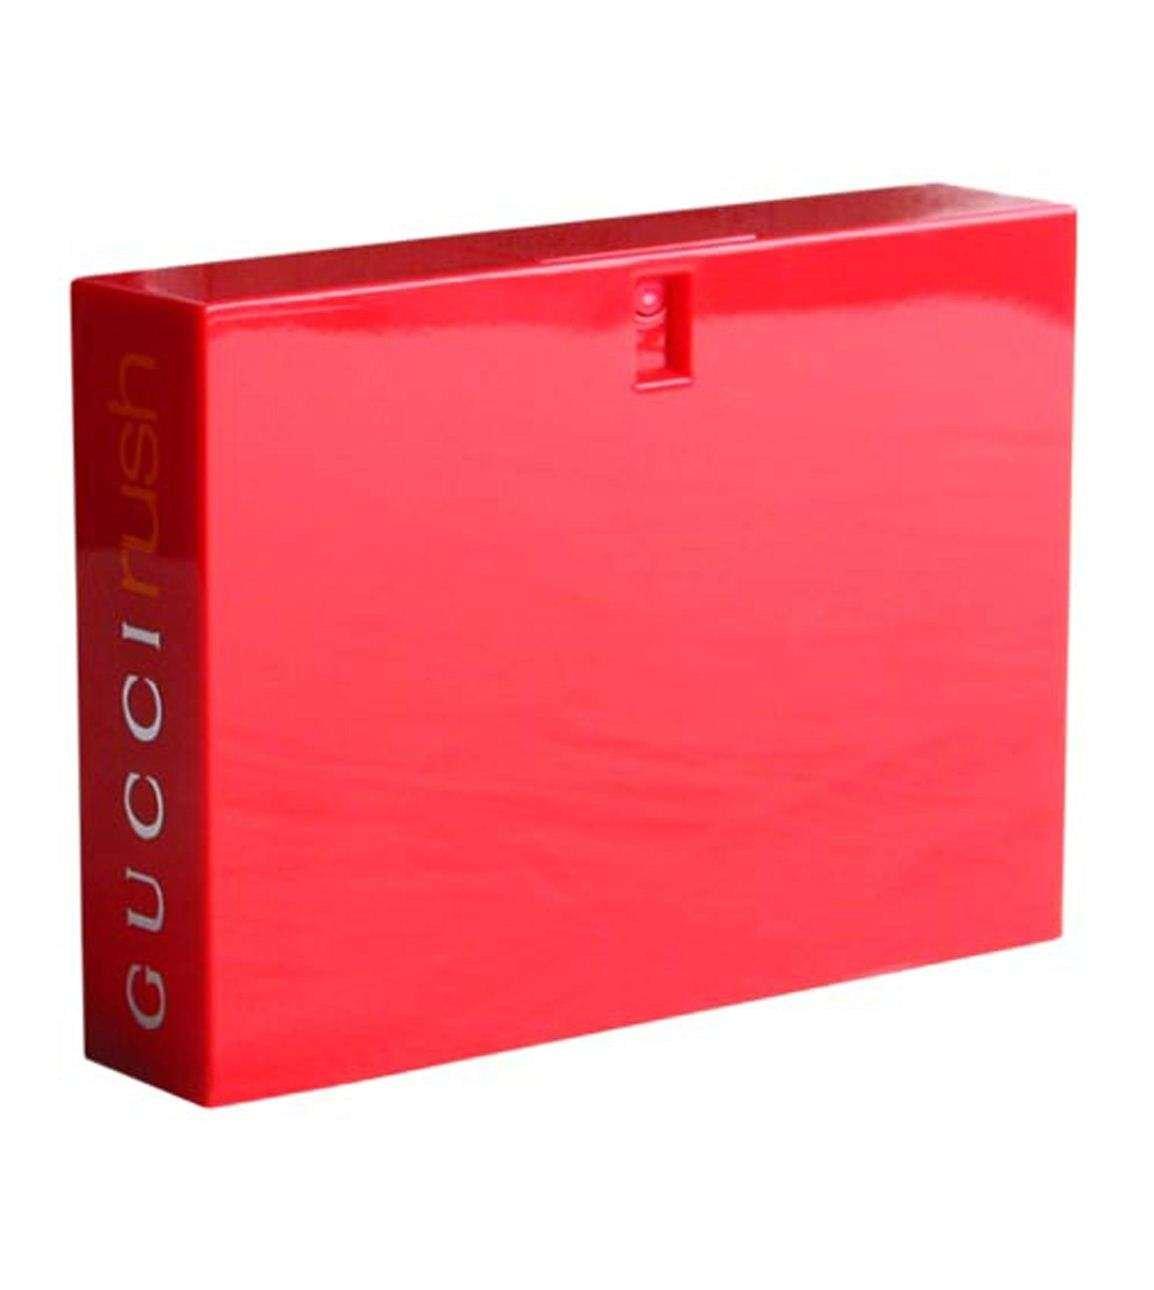 (Paris fragrance) Rush Perfume for Women edt 2.5 oz Brand New In Box